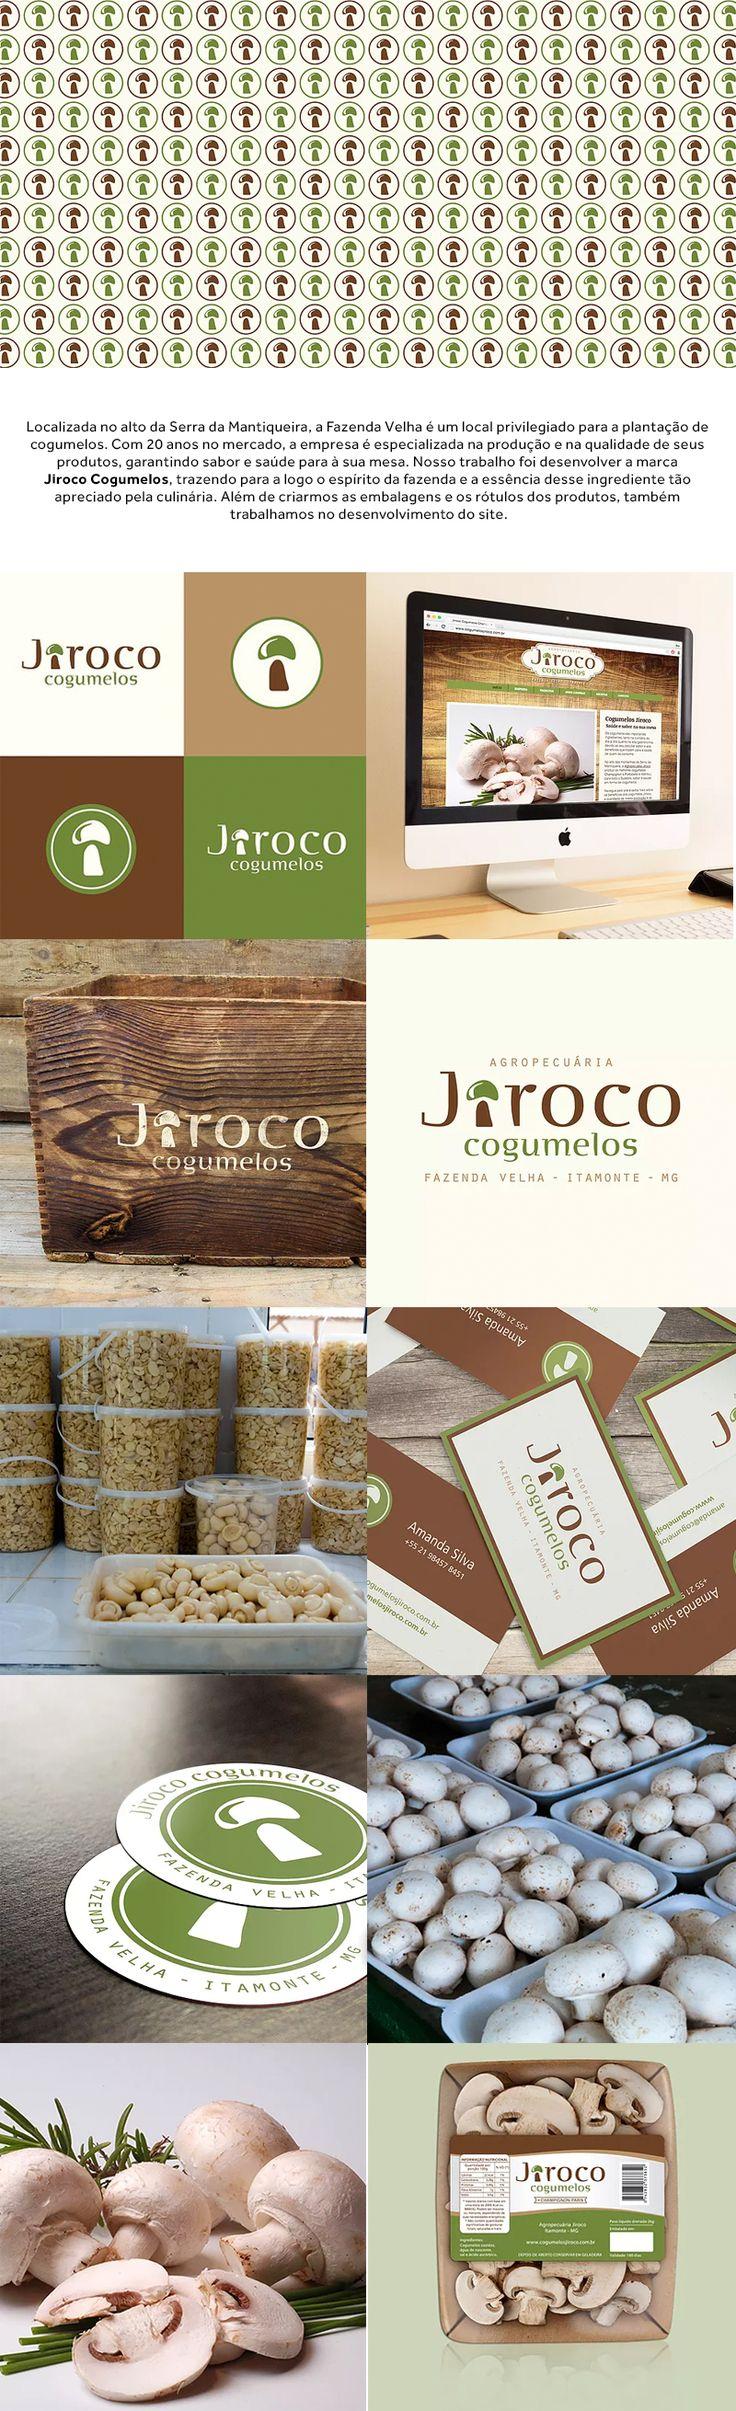 Nosso trabalho foi desenvolver a marca Jiroco Cogumelos, trazendo para a logo o espírito da fazenda e a essência desse ingrediente tão apreciado pela culinária. Além de criarmos as embalagens e os rótulos dos produtos, também trabalhamos no desenvolvimento do site.  |  logo design graphic design identidade visual branding website embalagem packaging mushroom cogumelos  |